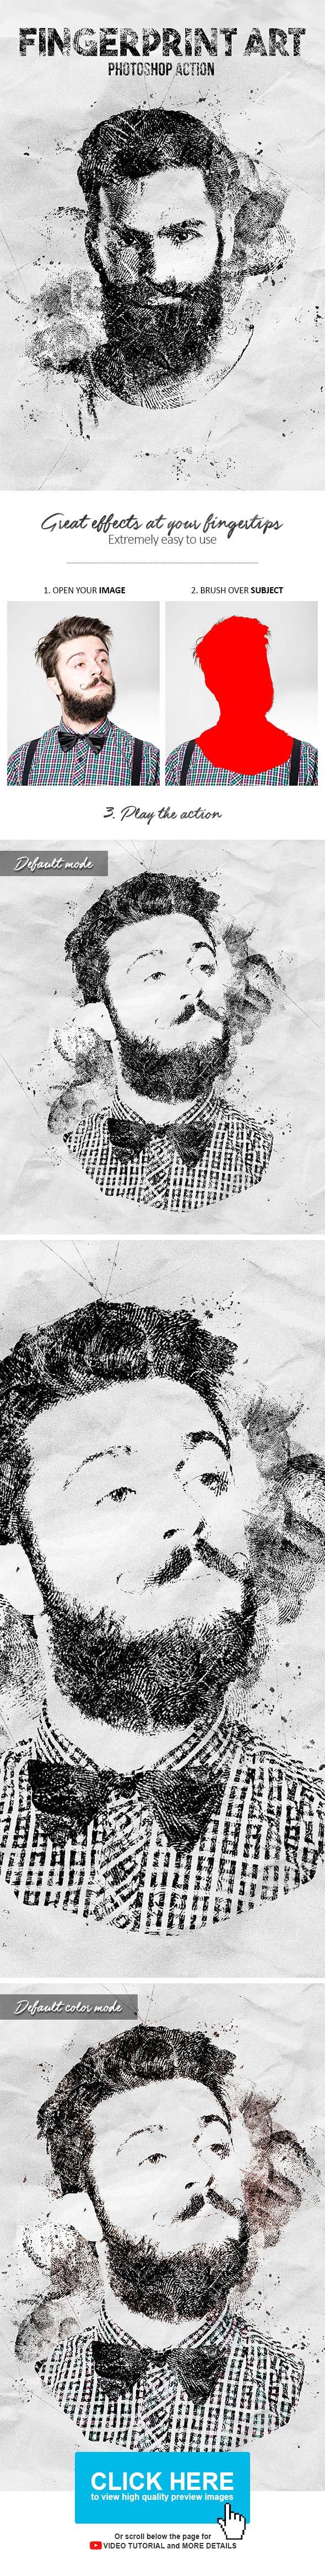 Fingerprint Art Photoshop Action - Photo Effects Actions